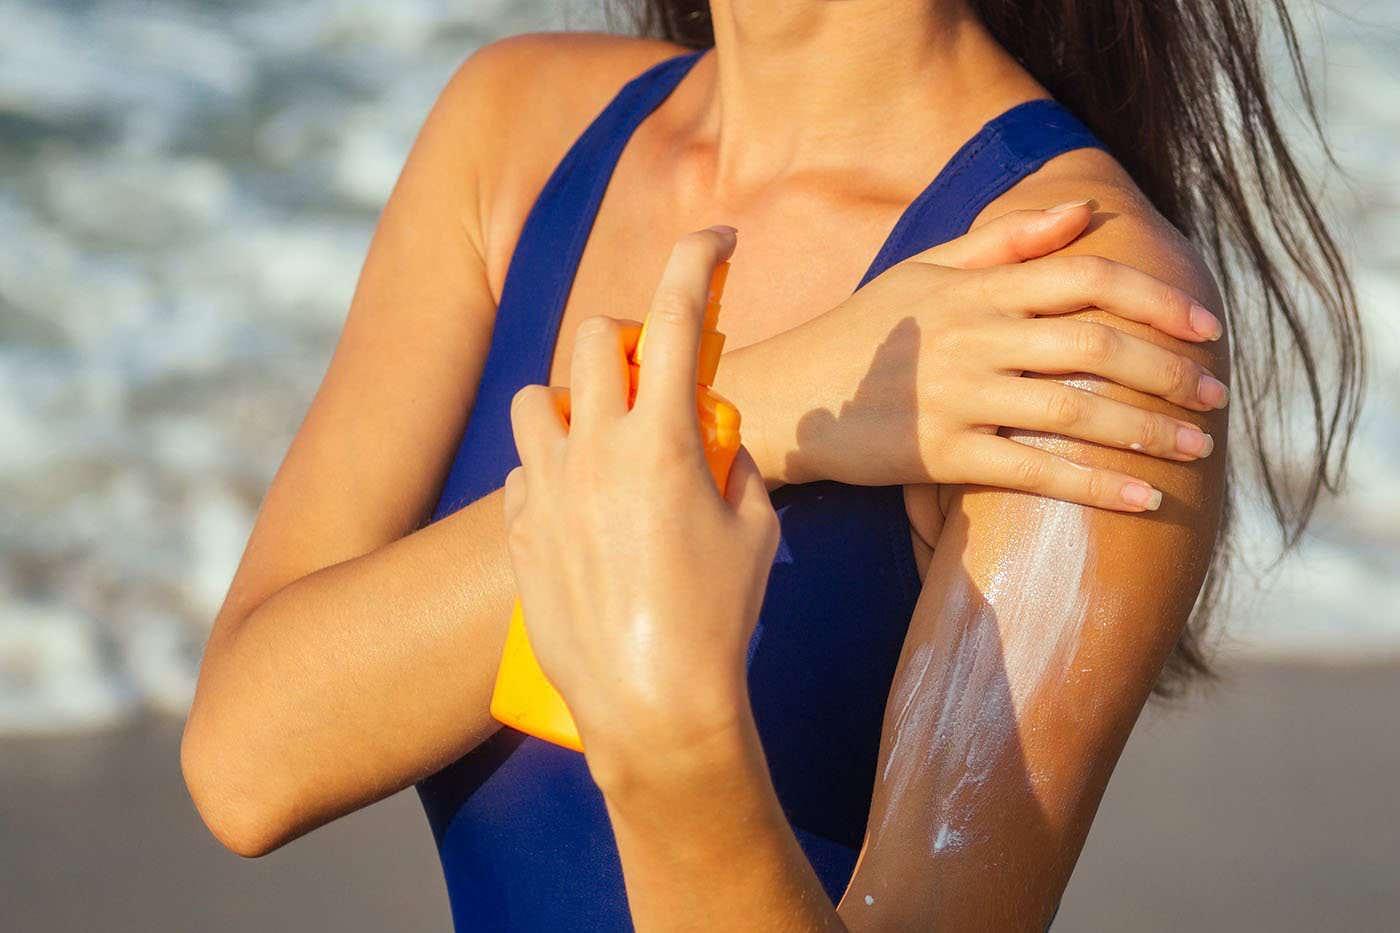 Este crema de plajă sigur de utilizat?